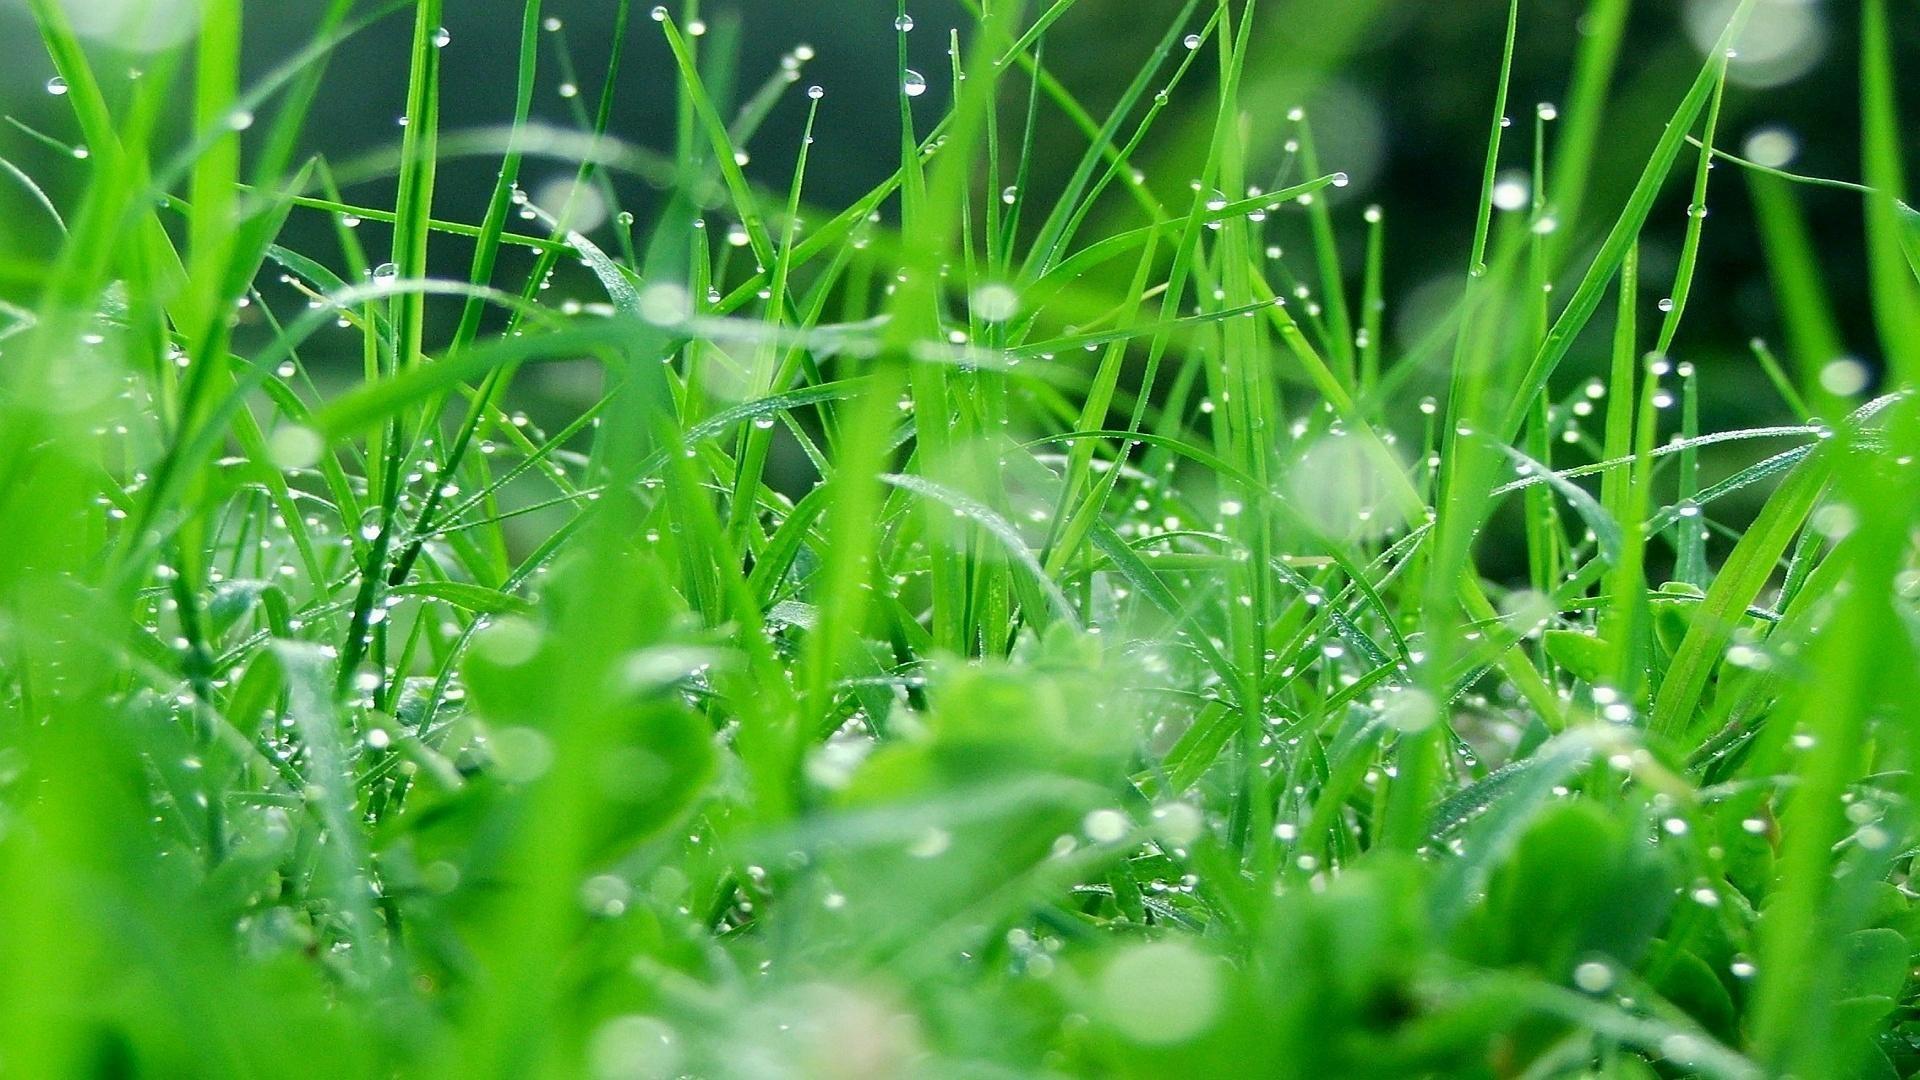 1920x1080 lush grass wallpapers hd data id 231429 full hd green grass hd 1920x1080 wallpaper teahub io teahub io